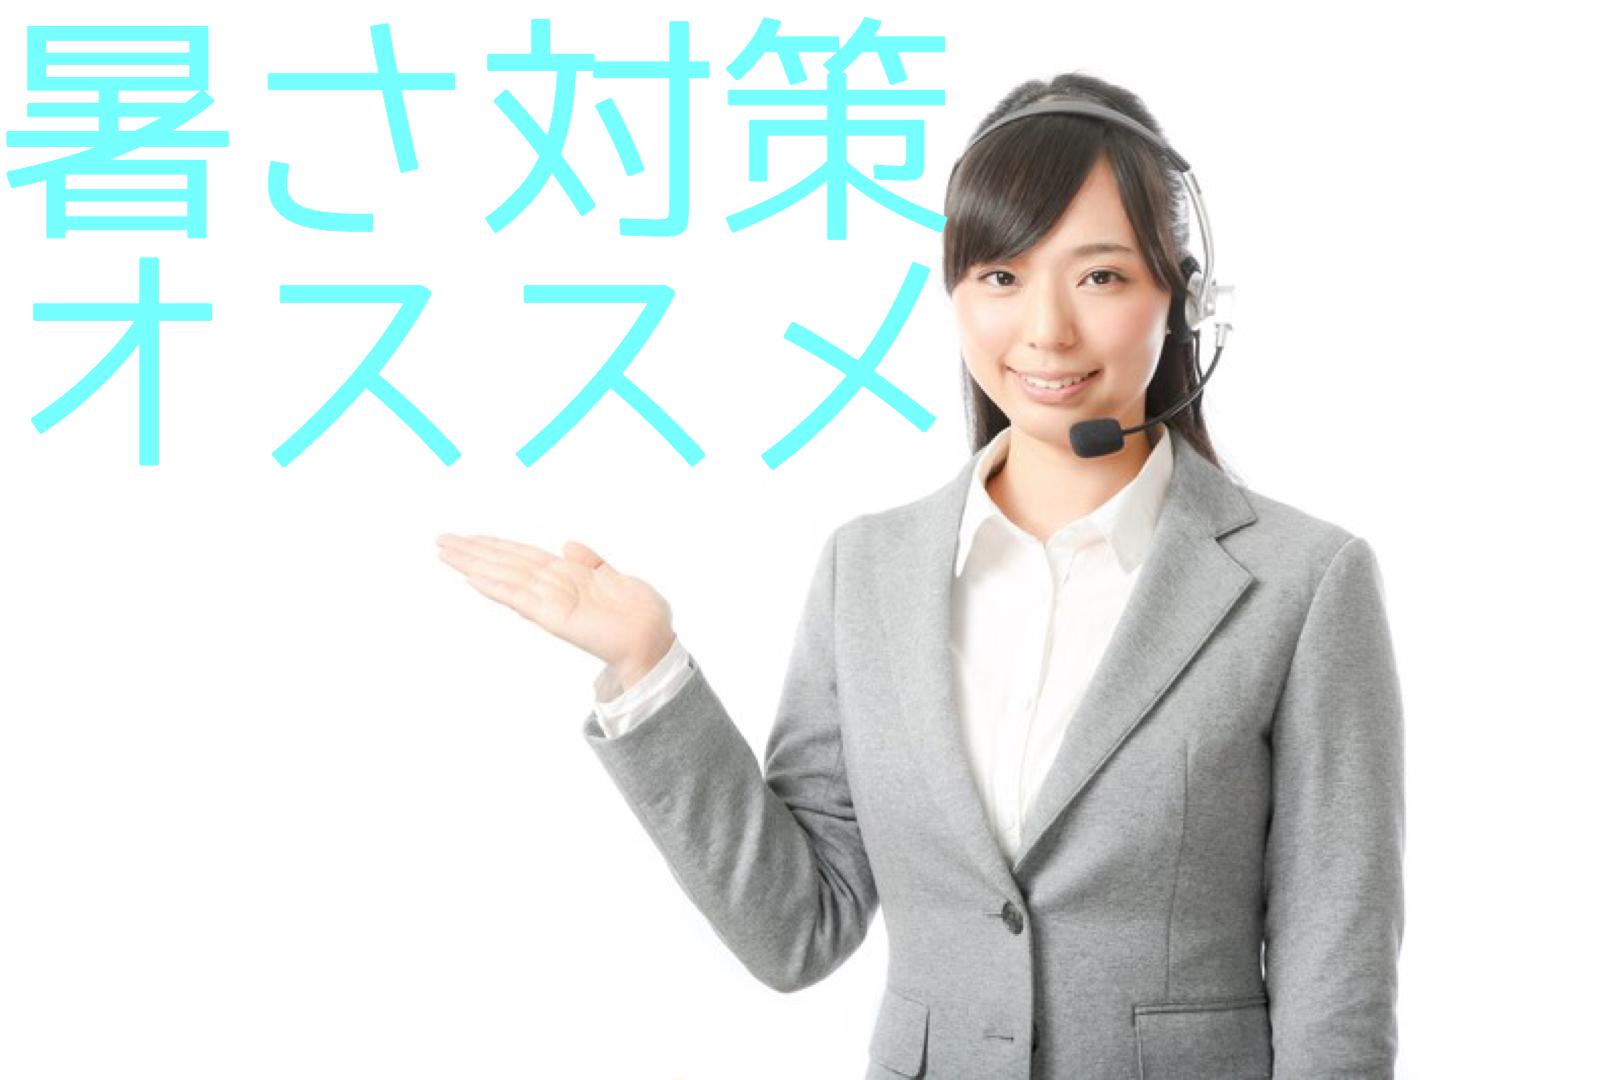 【簡単に使える】暑さ対策にオススメの商品3選